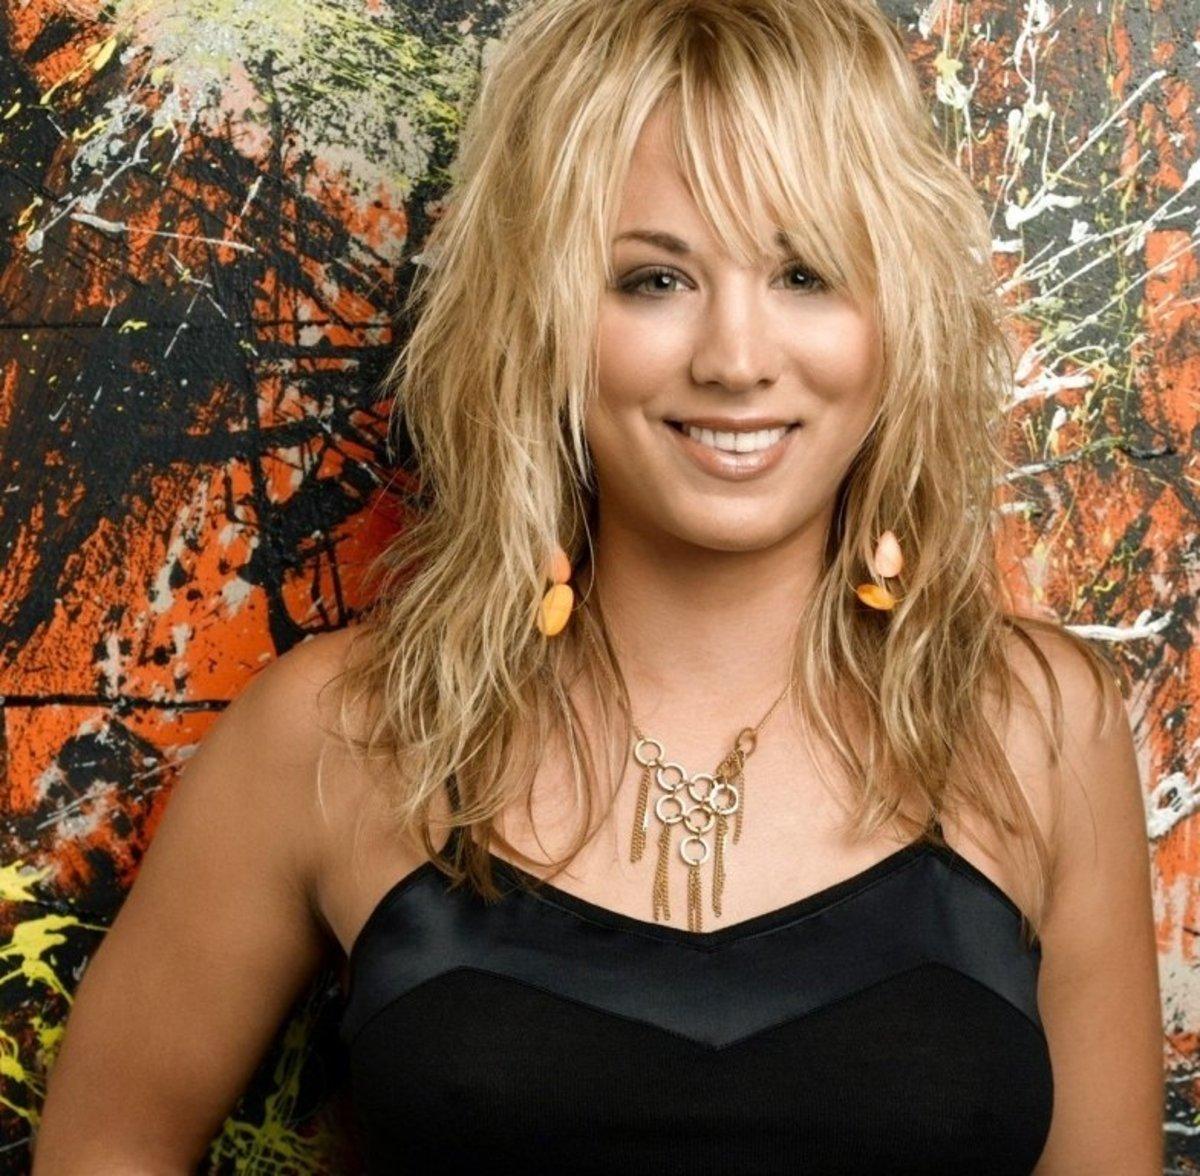 Penny of The Big Bang Theory, aka Kaley Cuoco